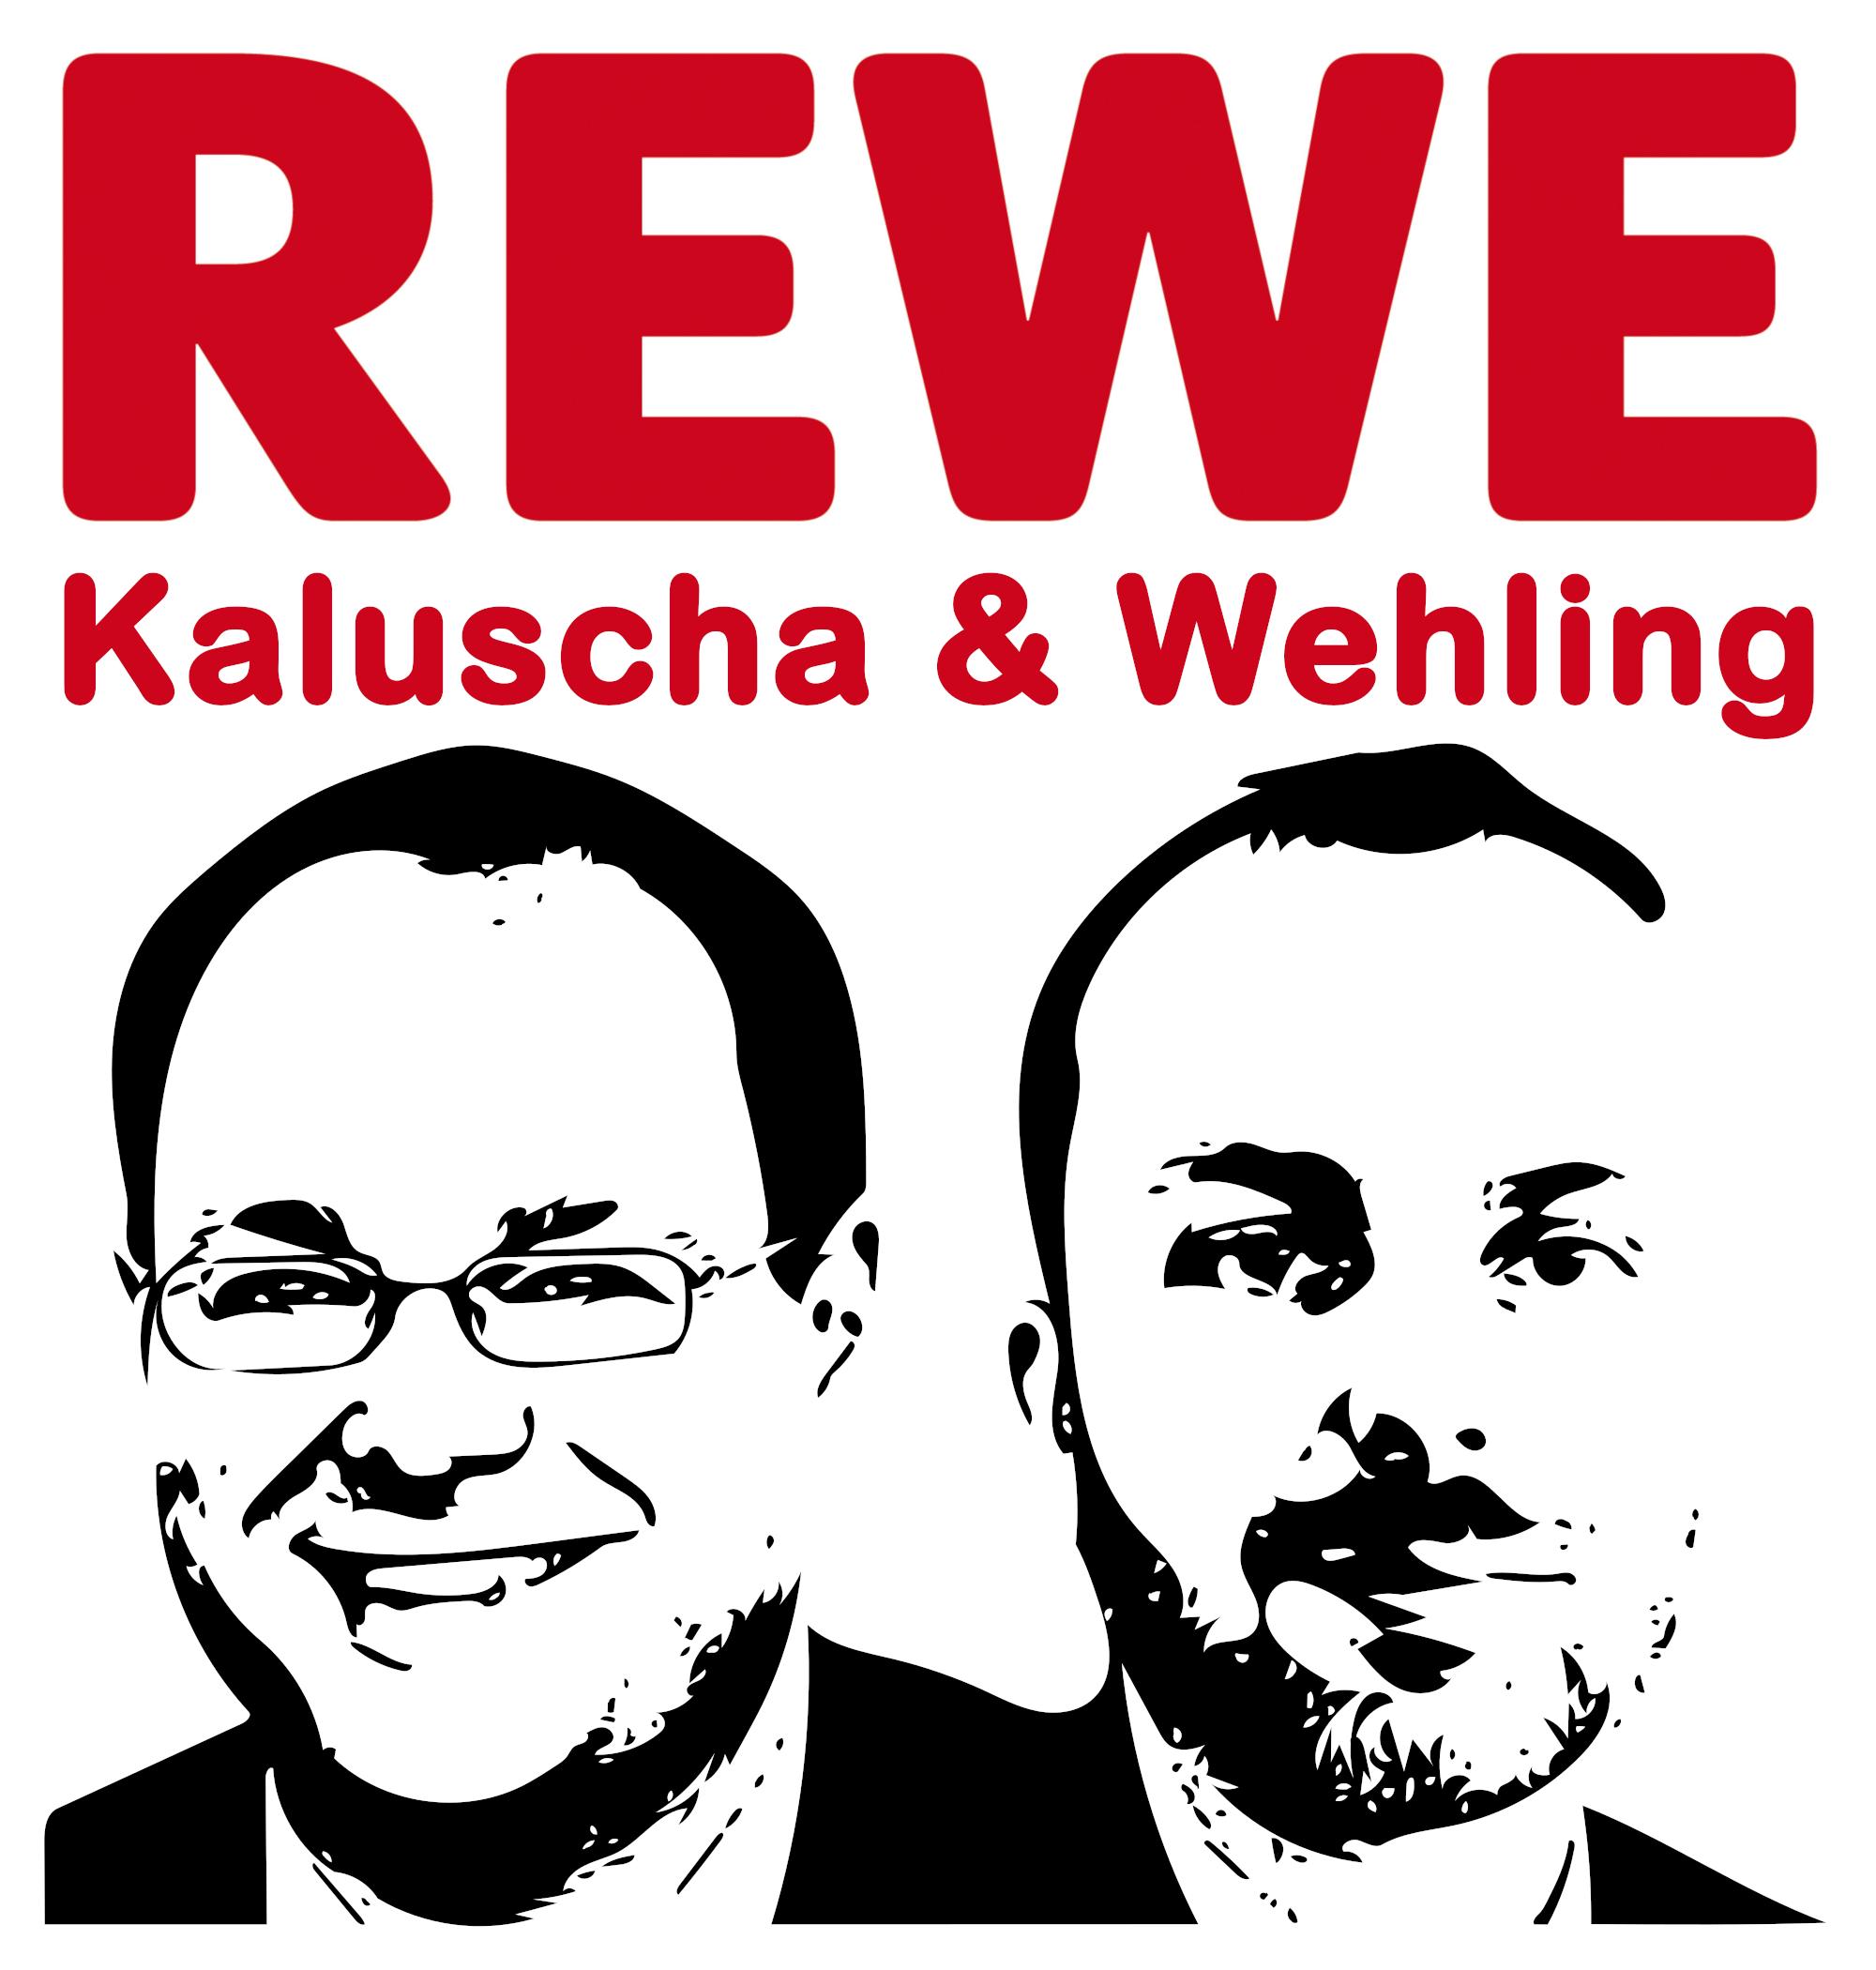 REWE Kaluscha & Wehling